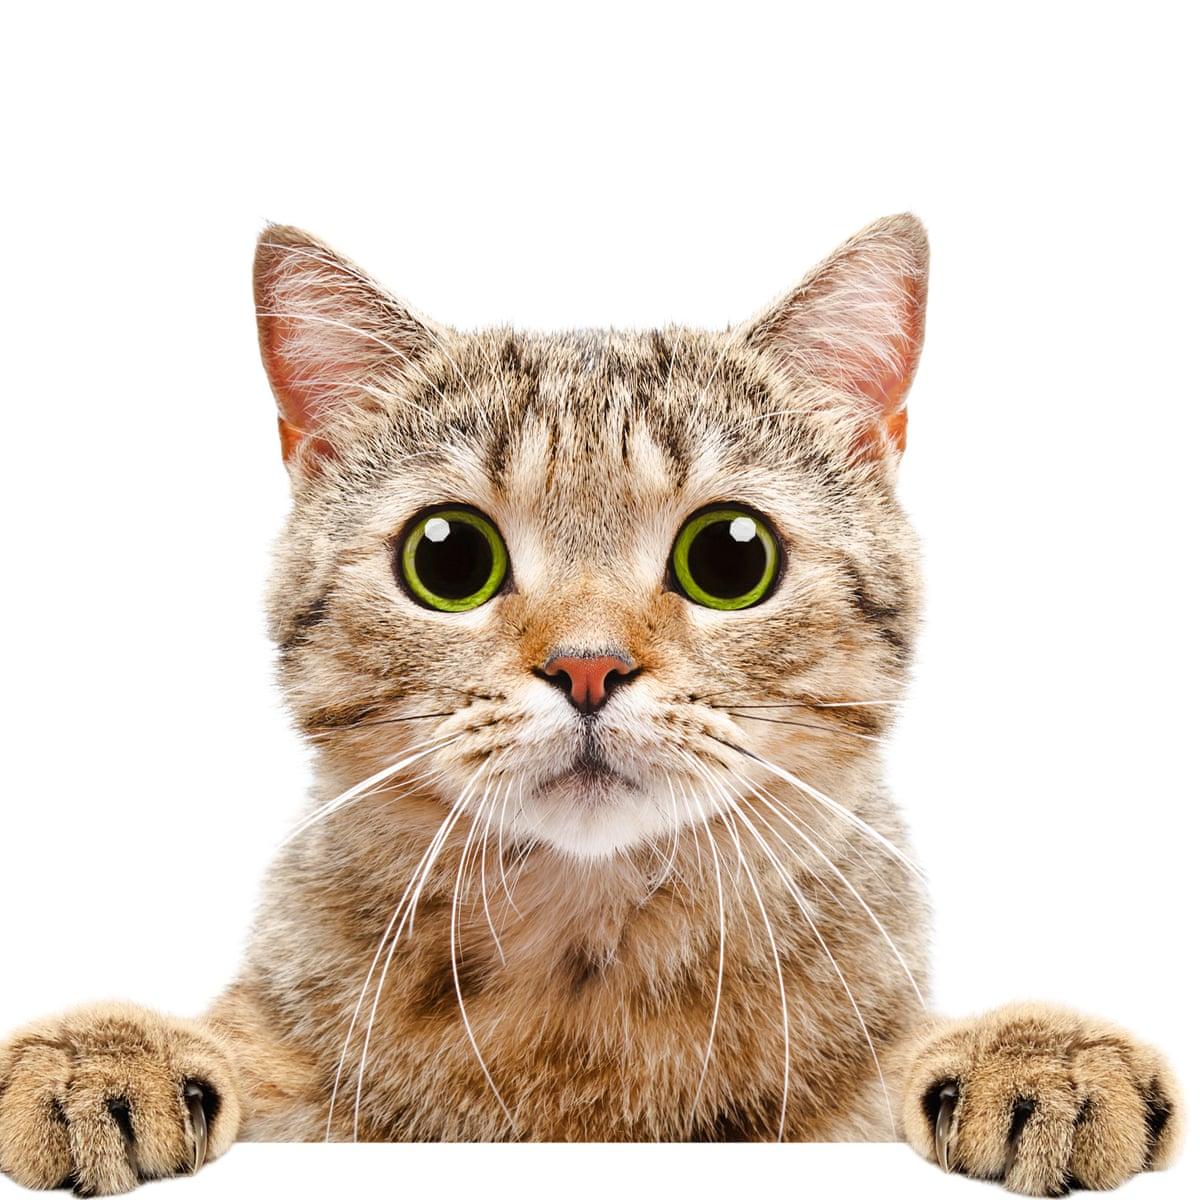 Download Adorable Cat Pictures Photos Images YXXVN6eDe